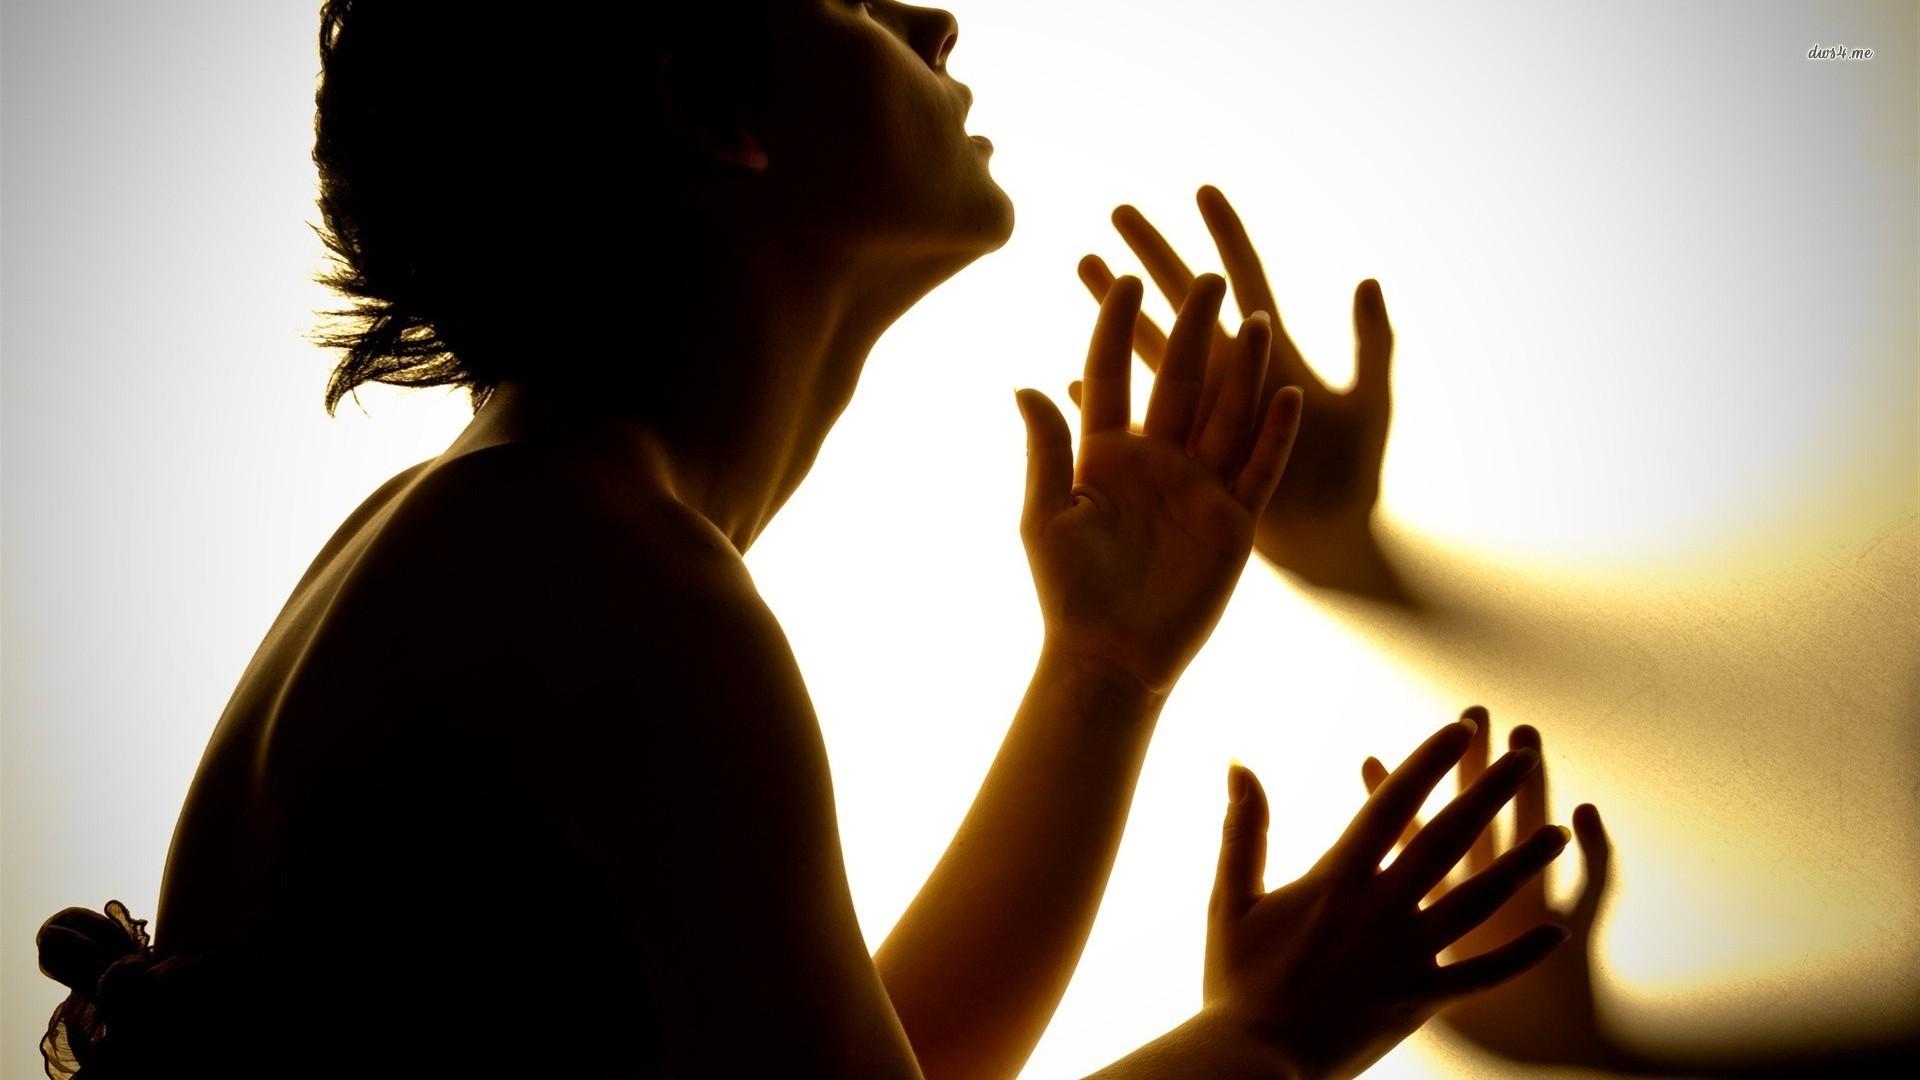 Лекция 5. Процесс переживания утраты - Реабилитационный центр Время жить! - Реабилитация алко и наркозависимых